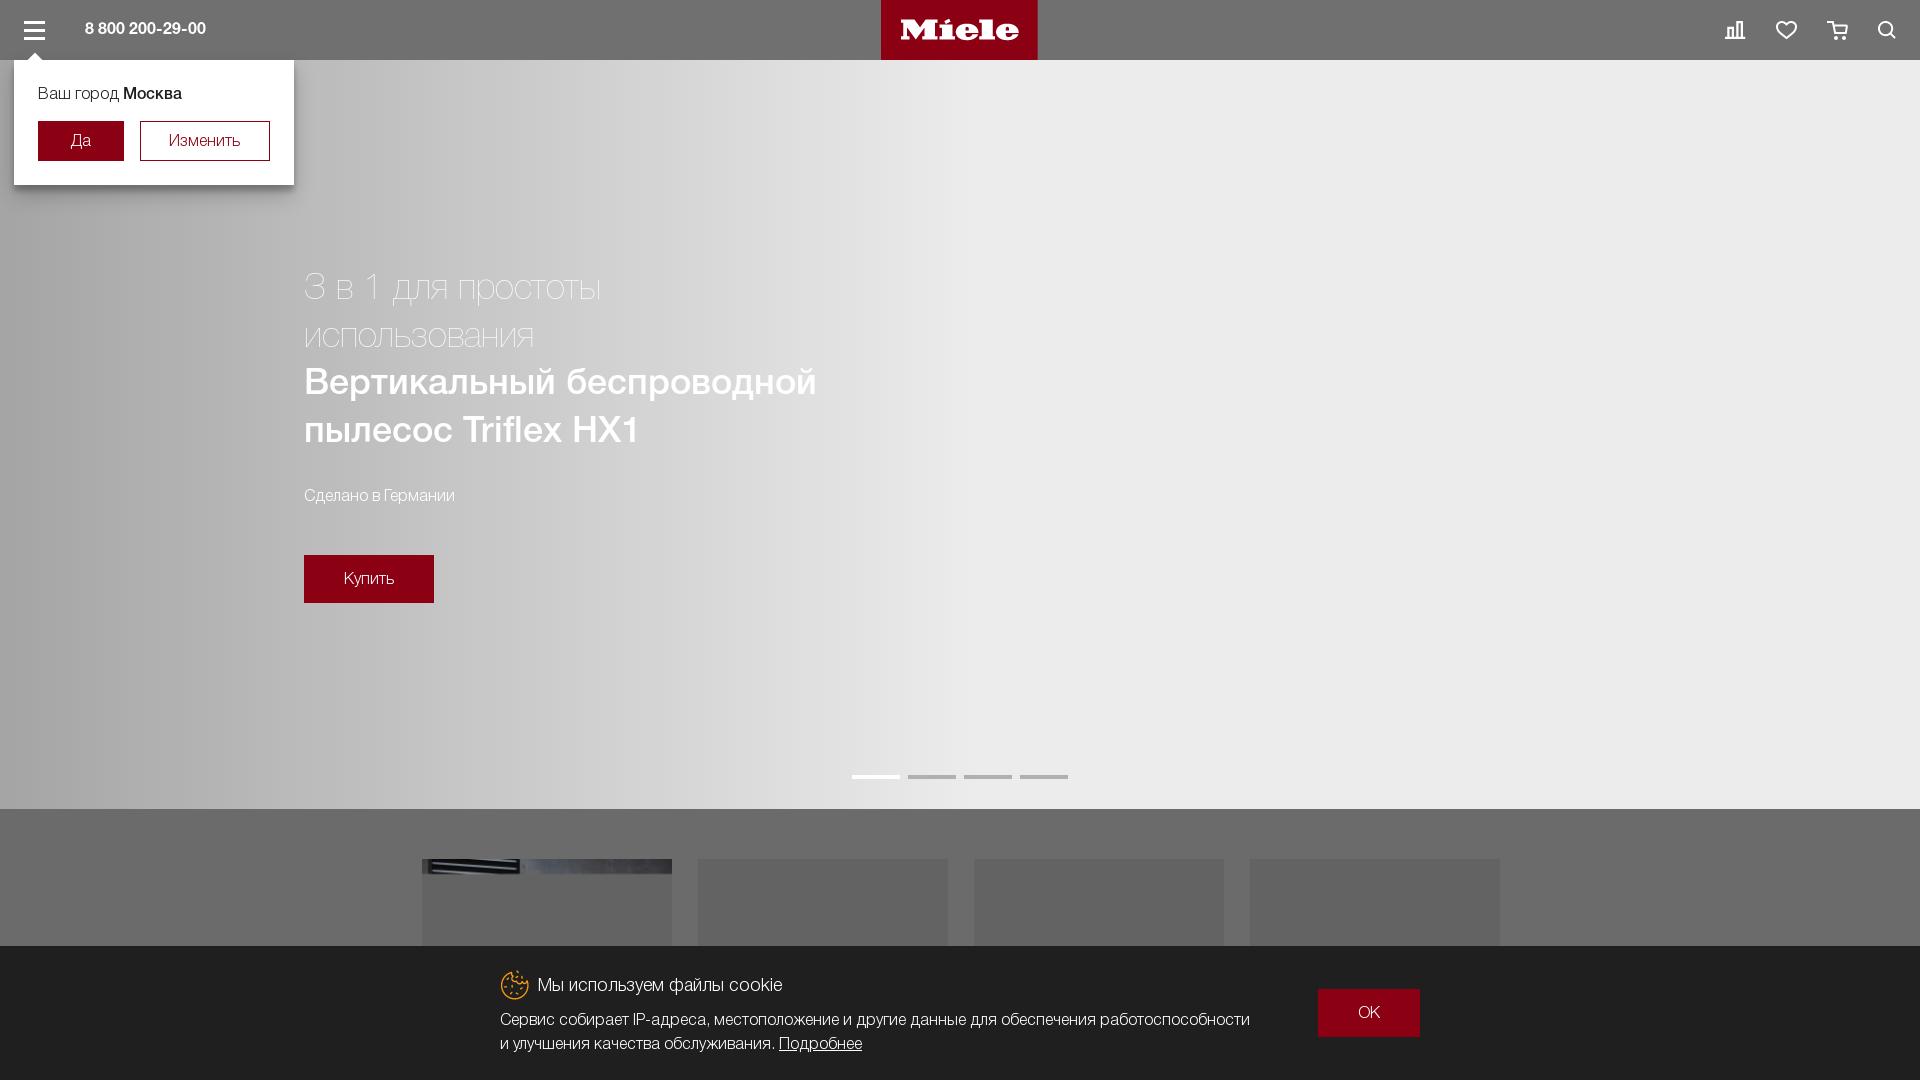 Miele-shop.ru website